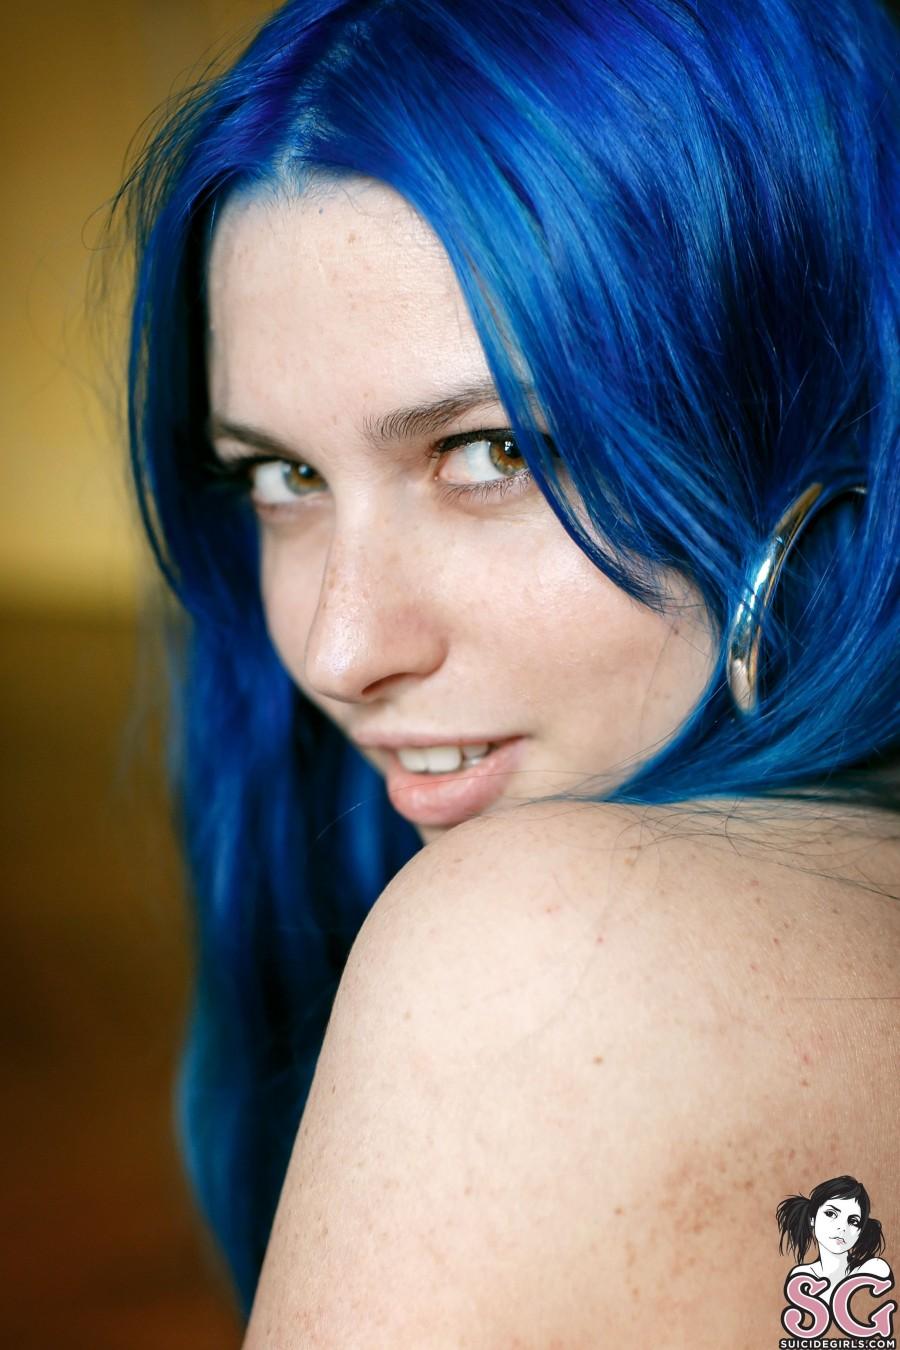 SG - Синеволосая Адели